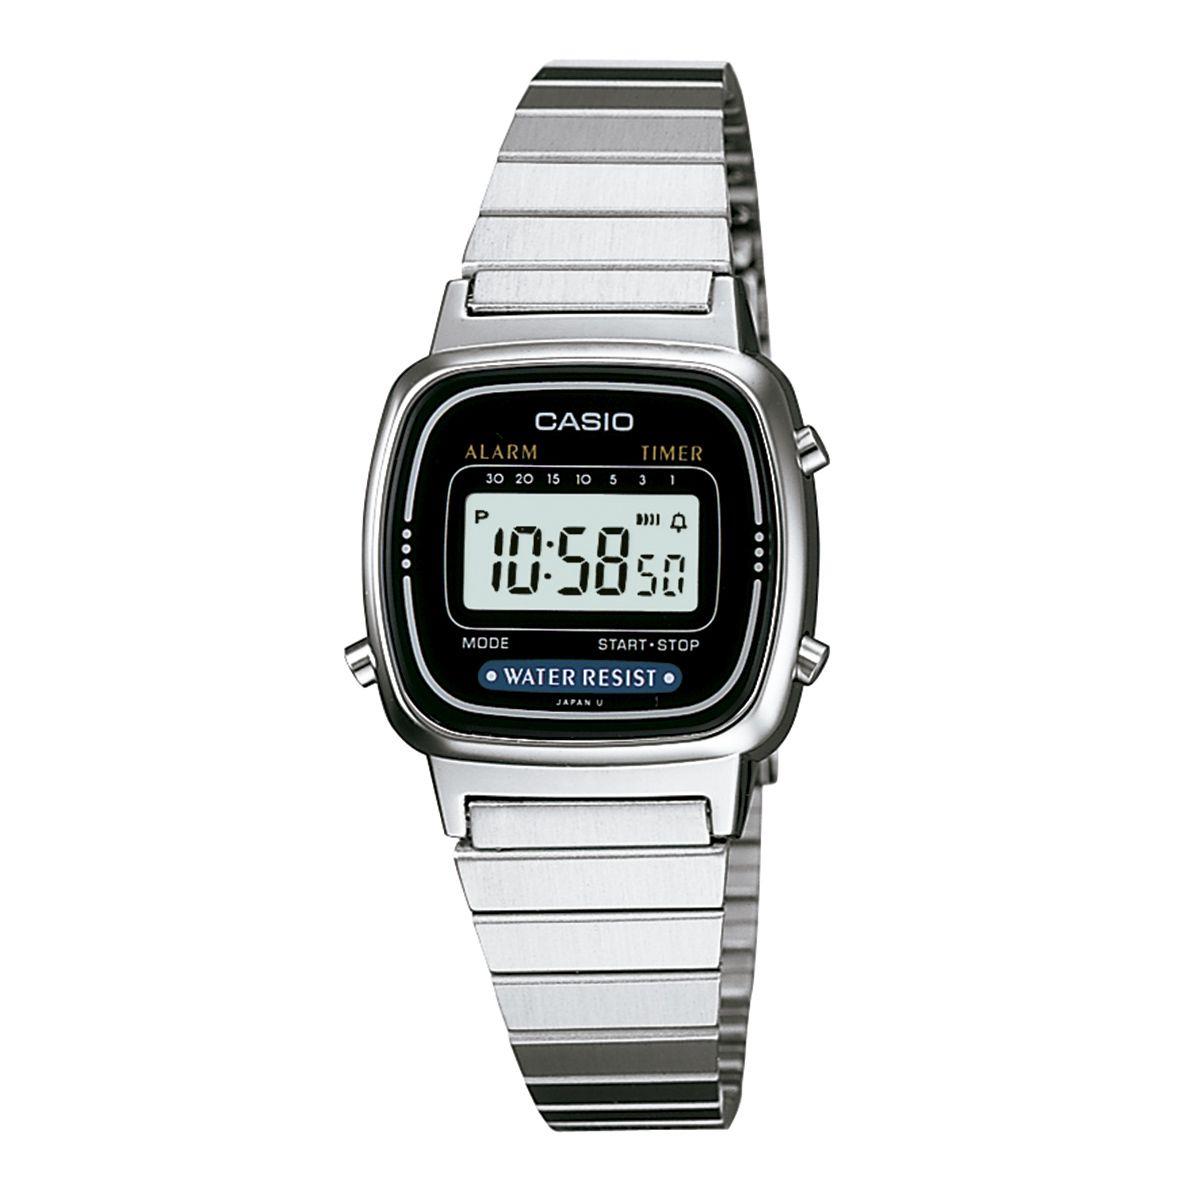 56ce0f871ba Relógio Casio Vintage Feminino Prata Digital LA670WA-1DF e as melhores  ofertas você encontra aqui